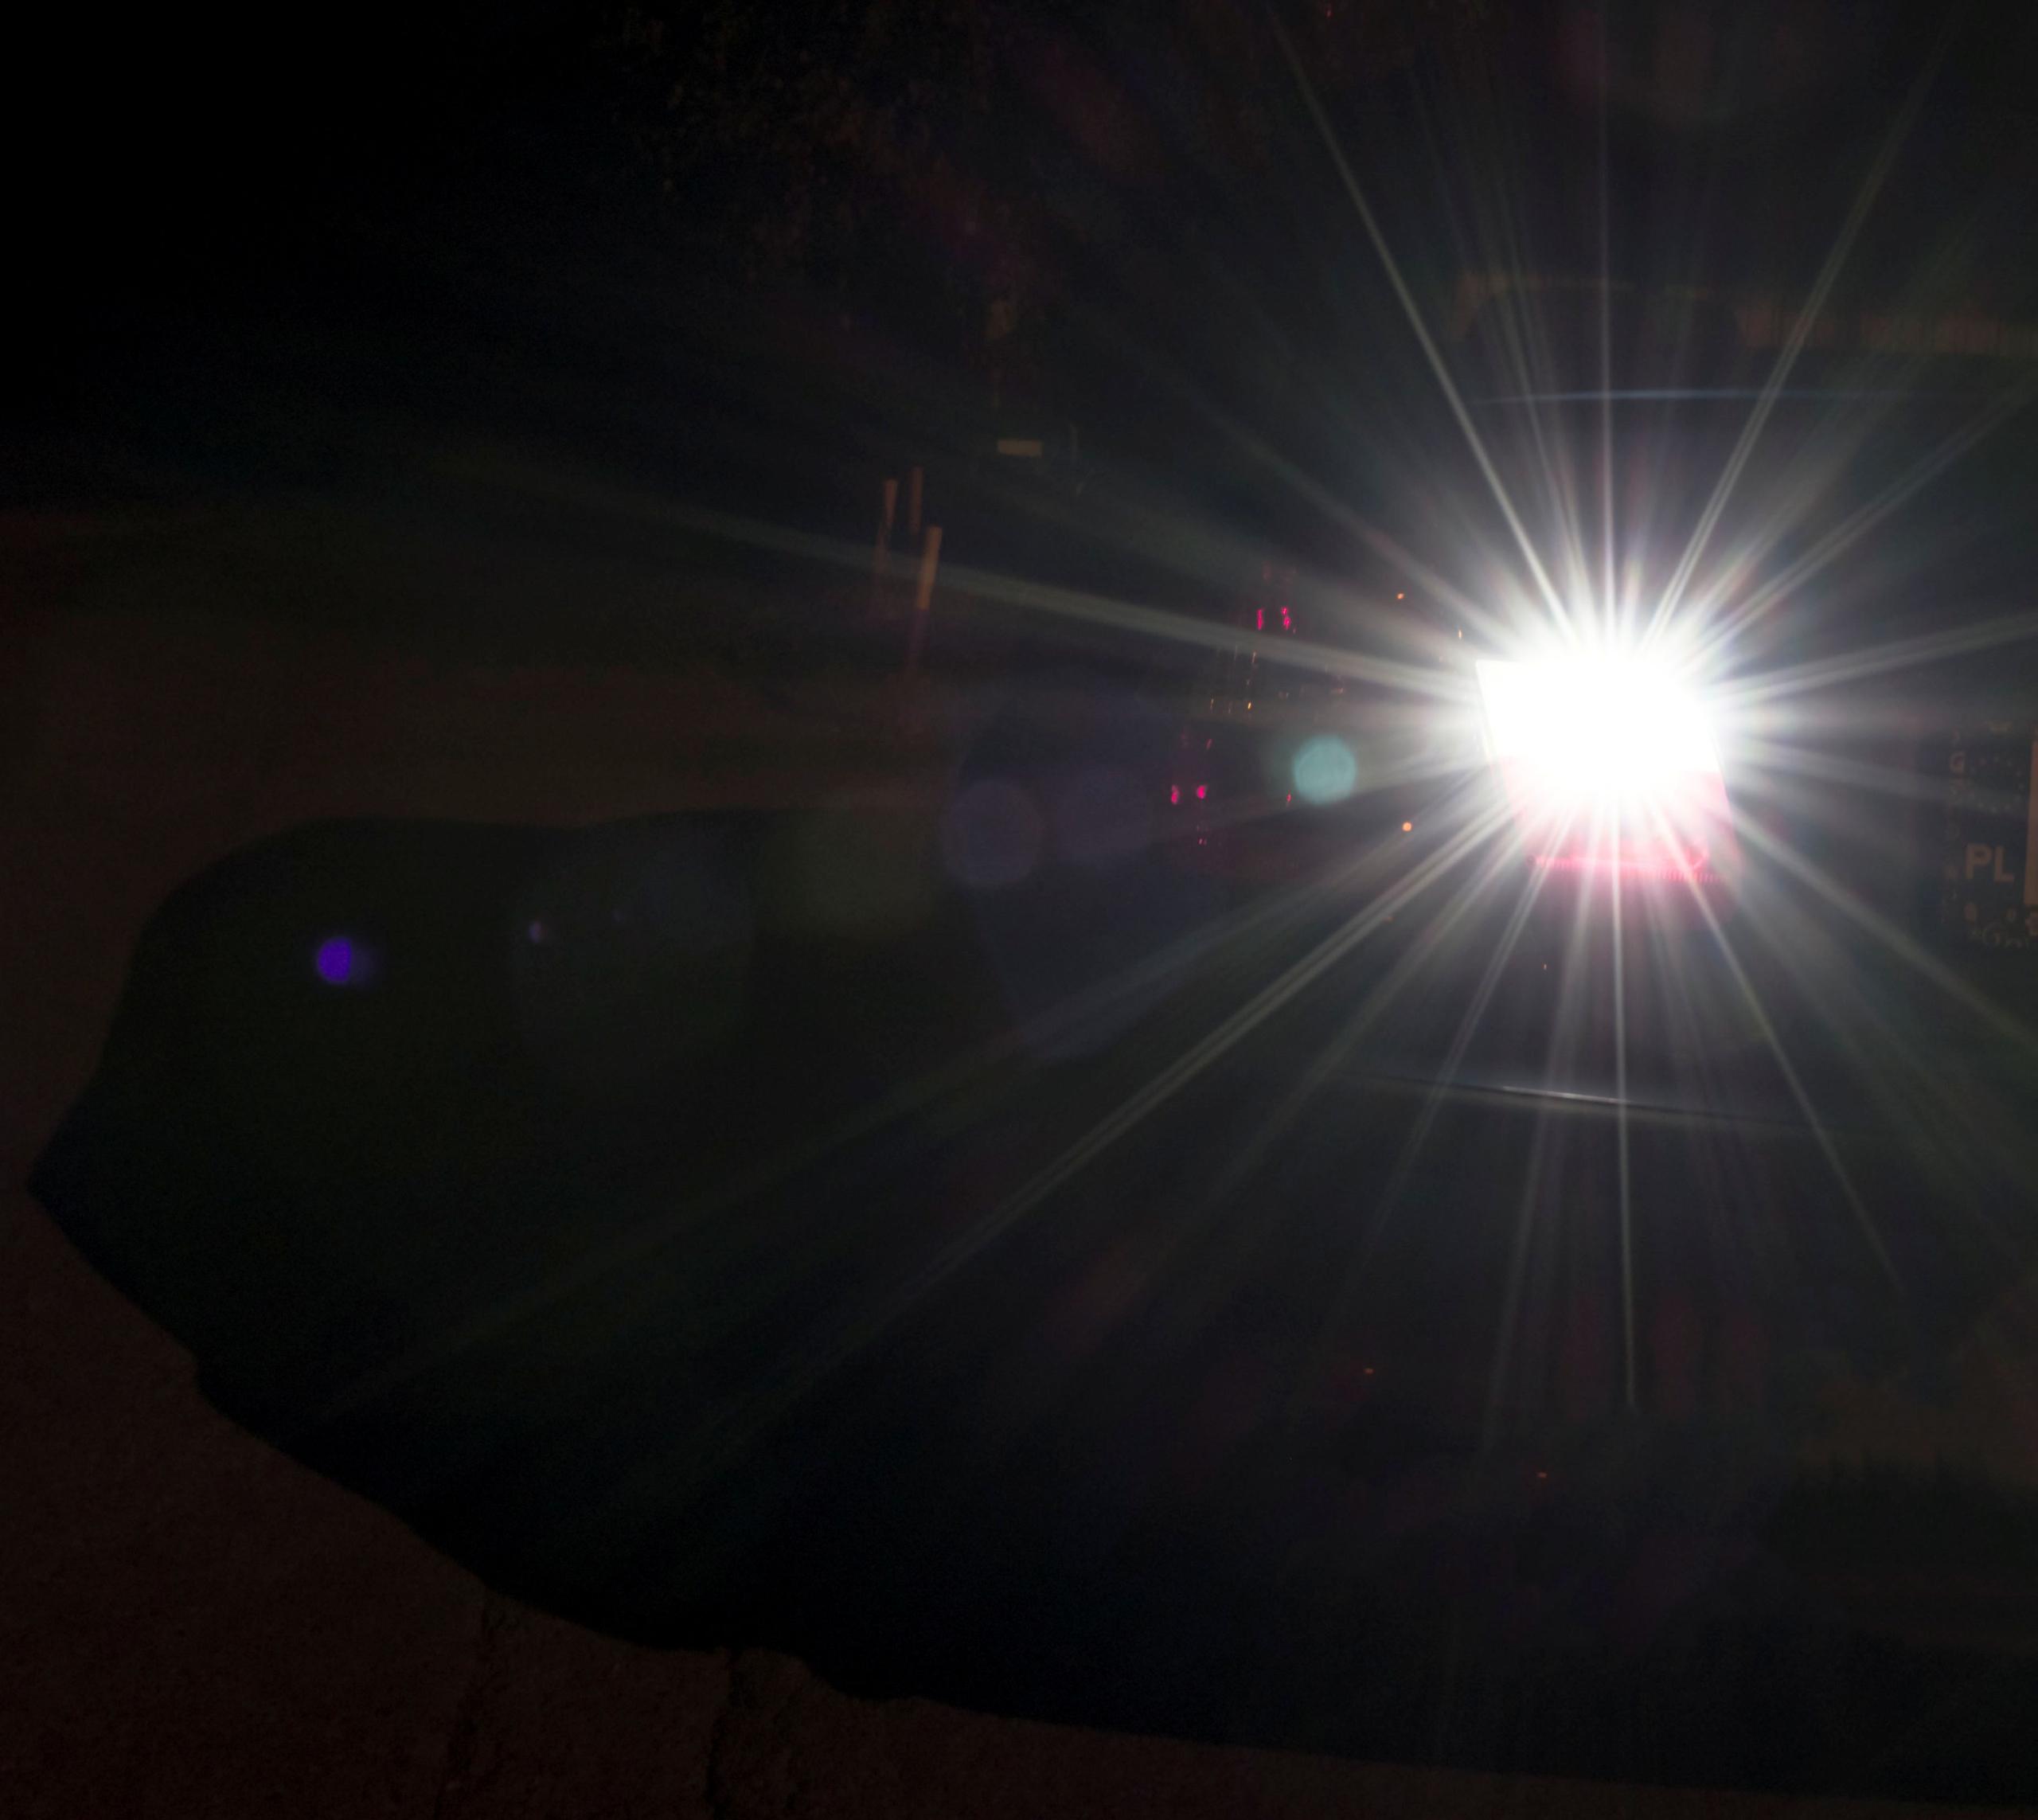 Żarówki LED - Światła Wsteczne W16W/T10 - CanBus Podstawa inna